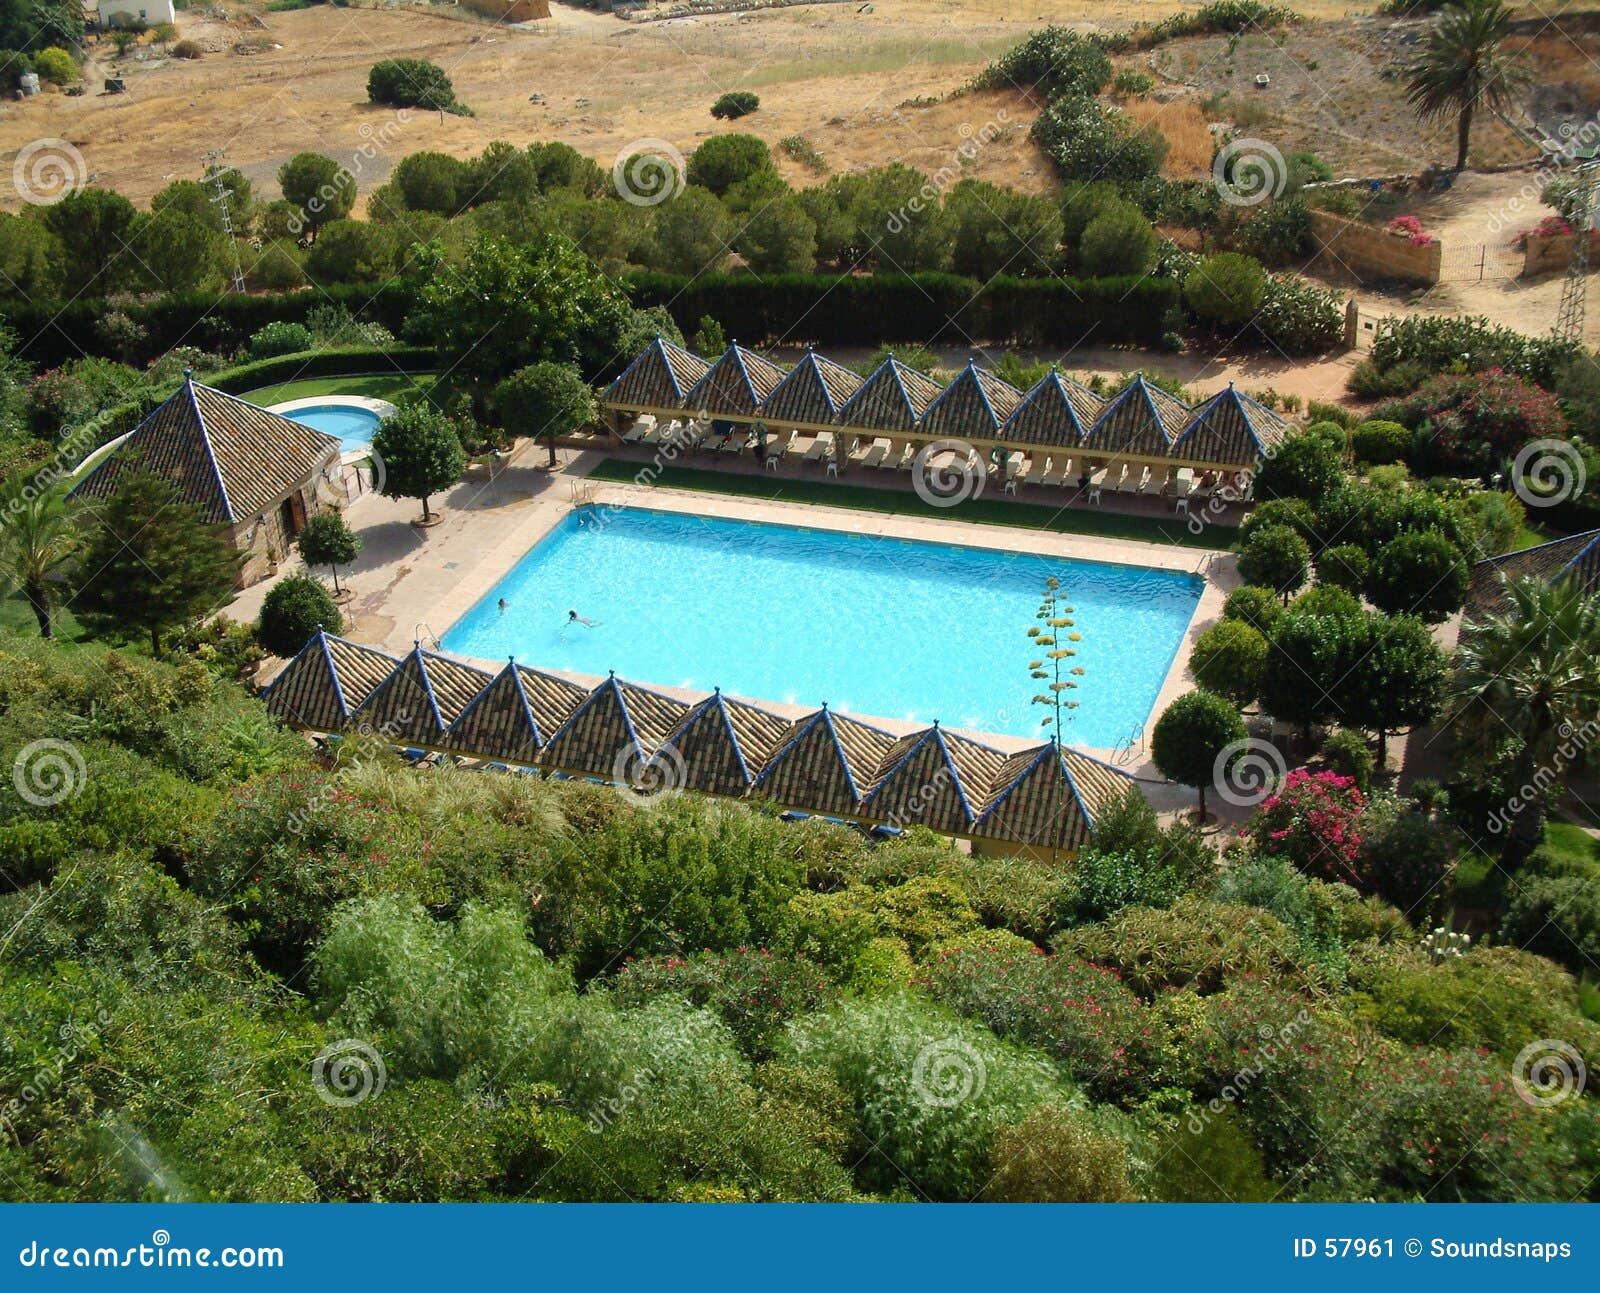 Download Piscine d'hôtel image stock. Image du hôtel, above, espagnol - 57961